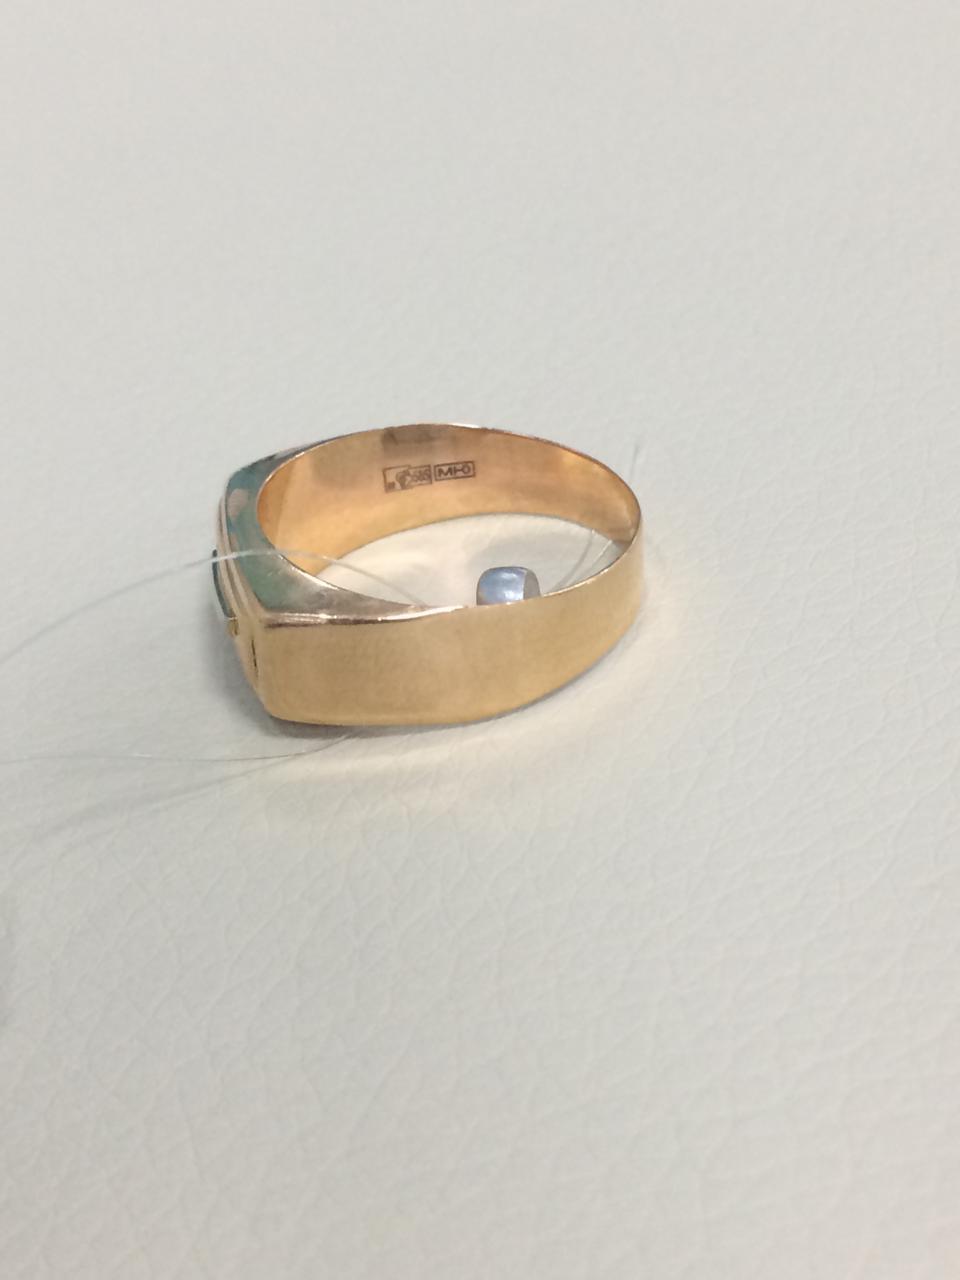 Кольцо мужское / красное золото - 20 размер - фото 5